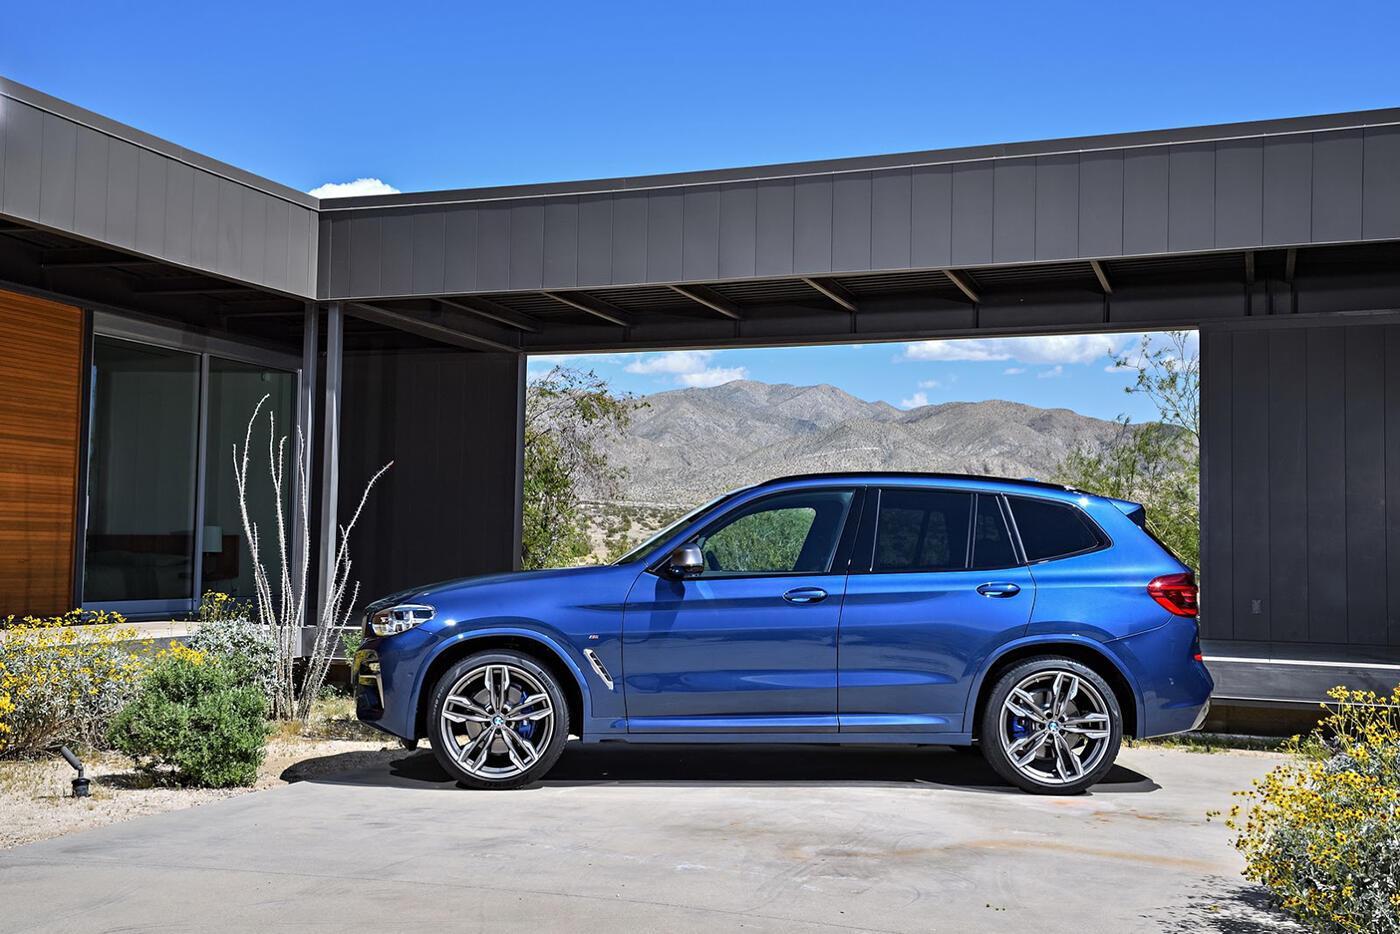 BMW X3 2018 chính thức trình làng, thêm nhiều trang bị mới - Hình 3